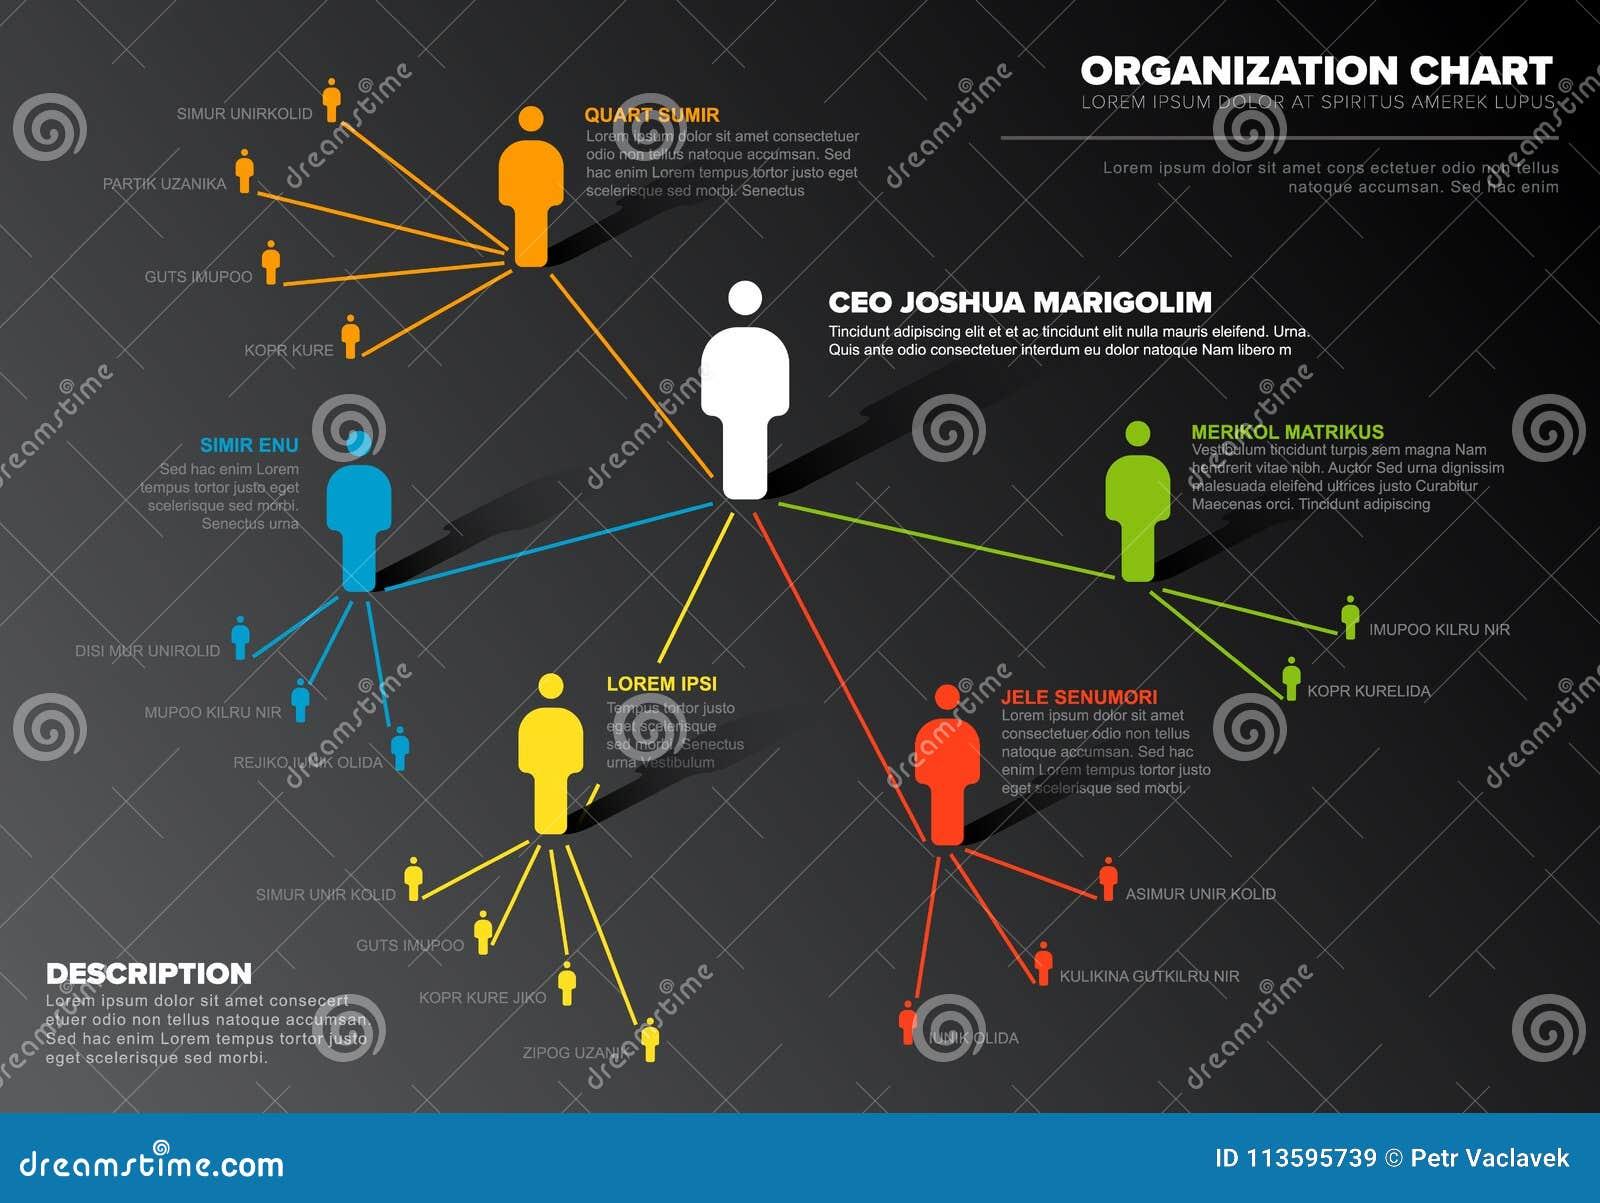 Шаблон диаграммы схемы иерархии организации компании